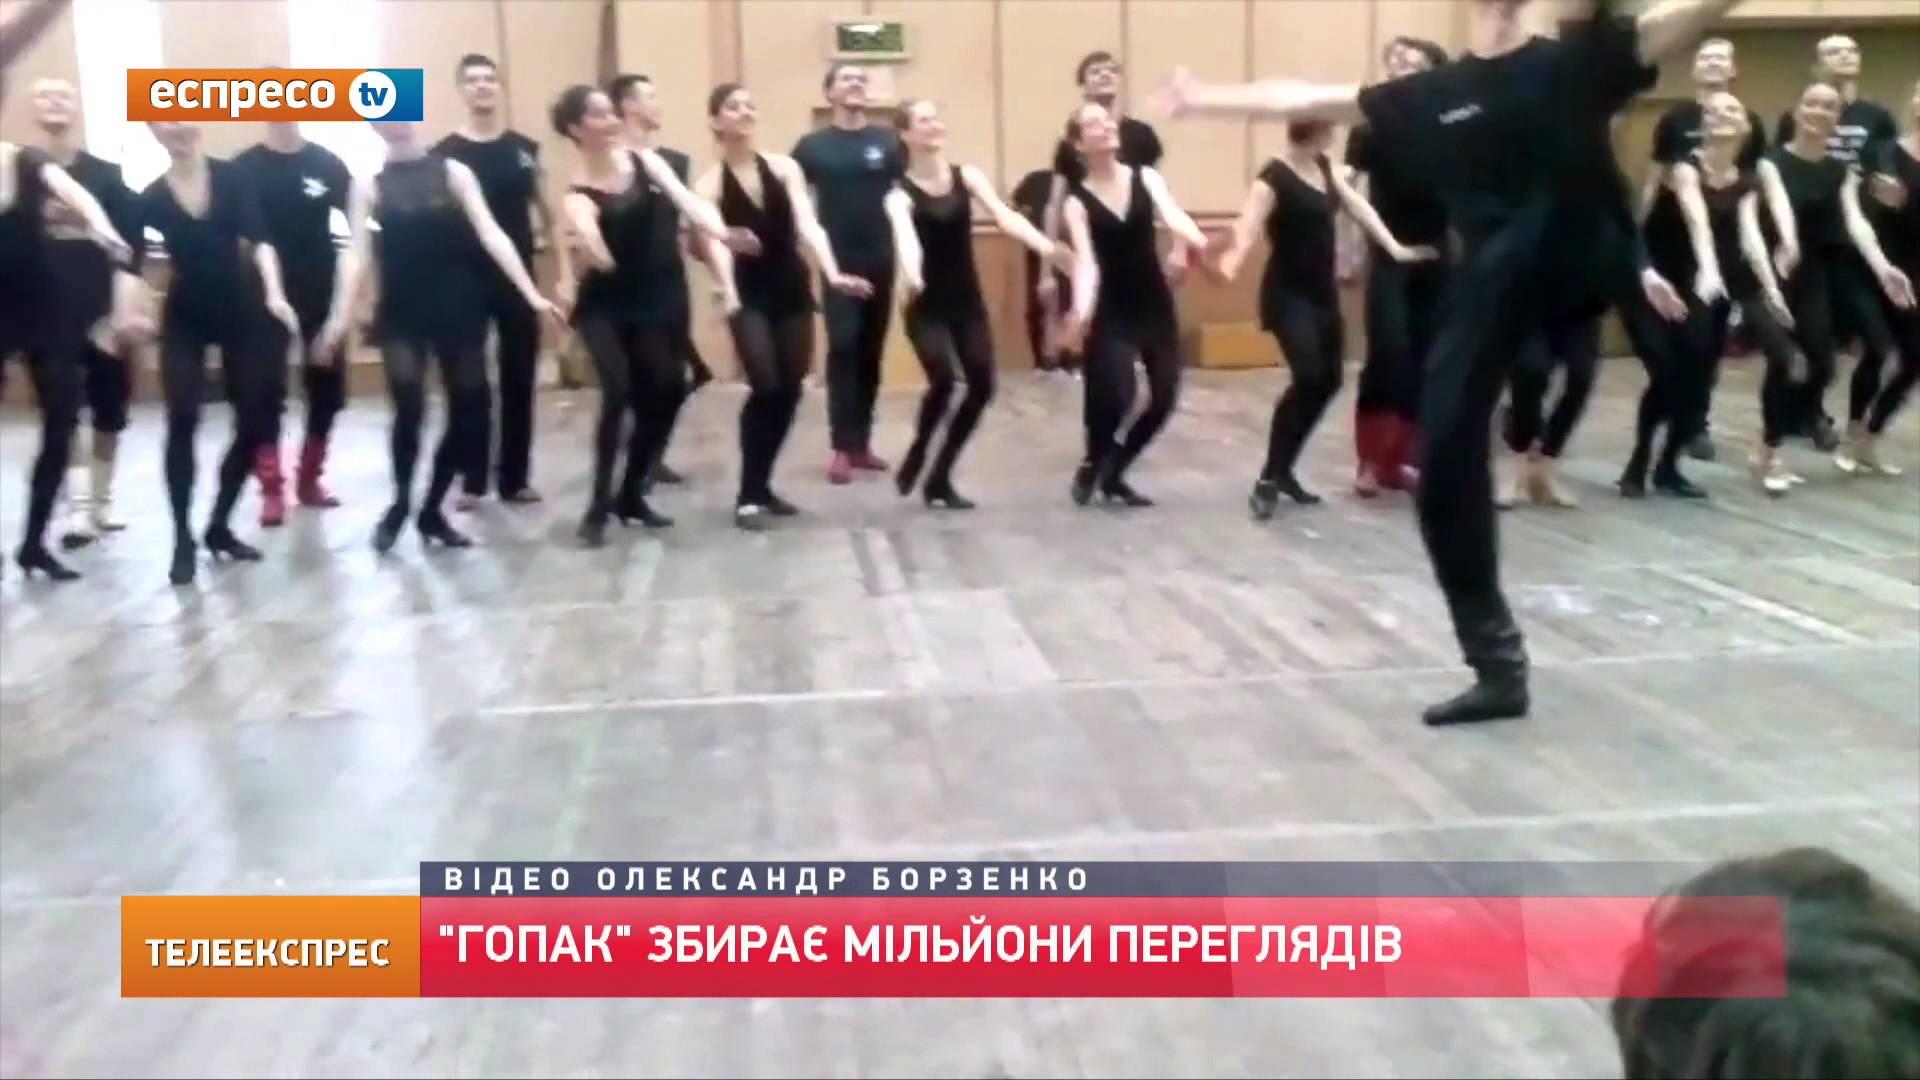 Fenomenální ukrajinský tanec